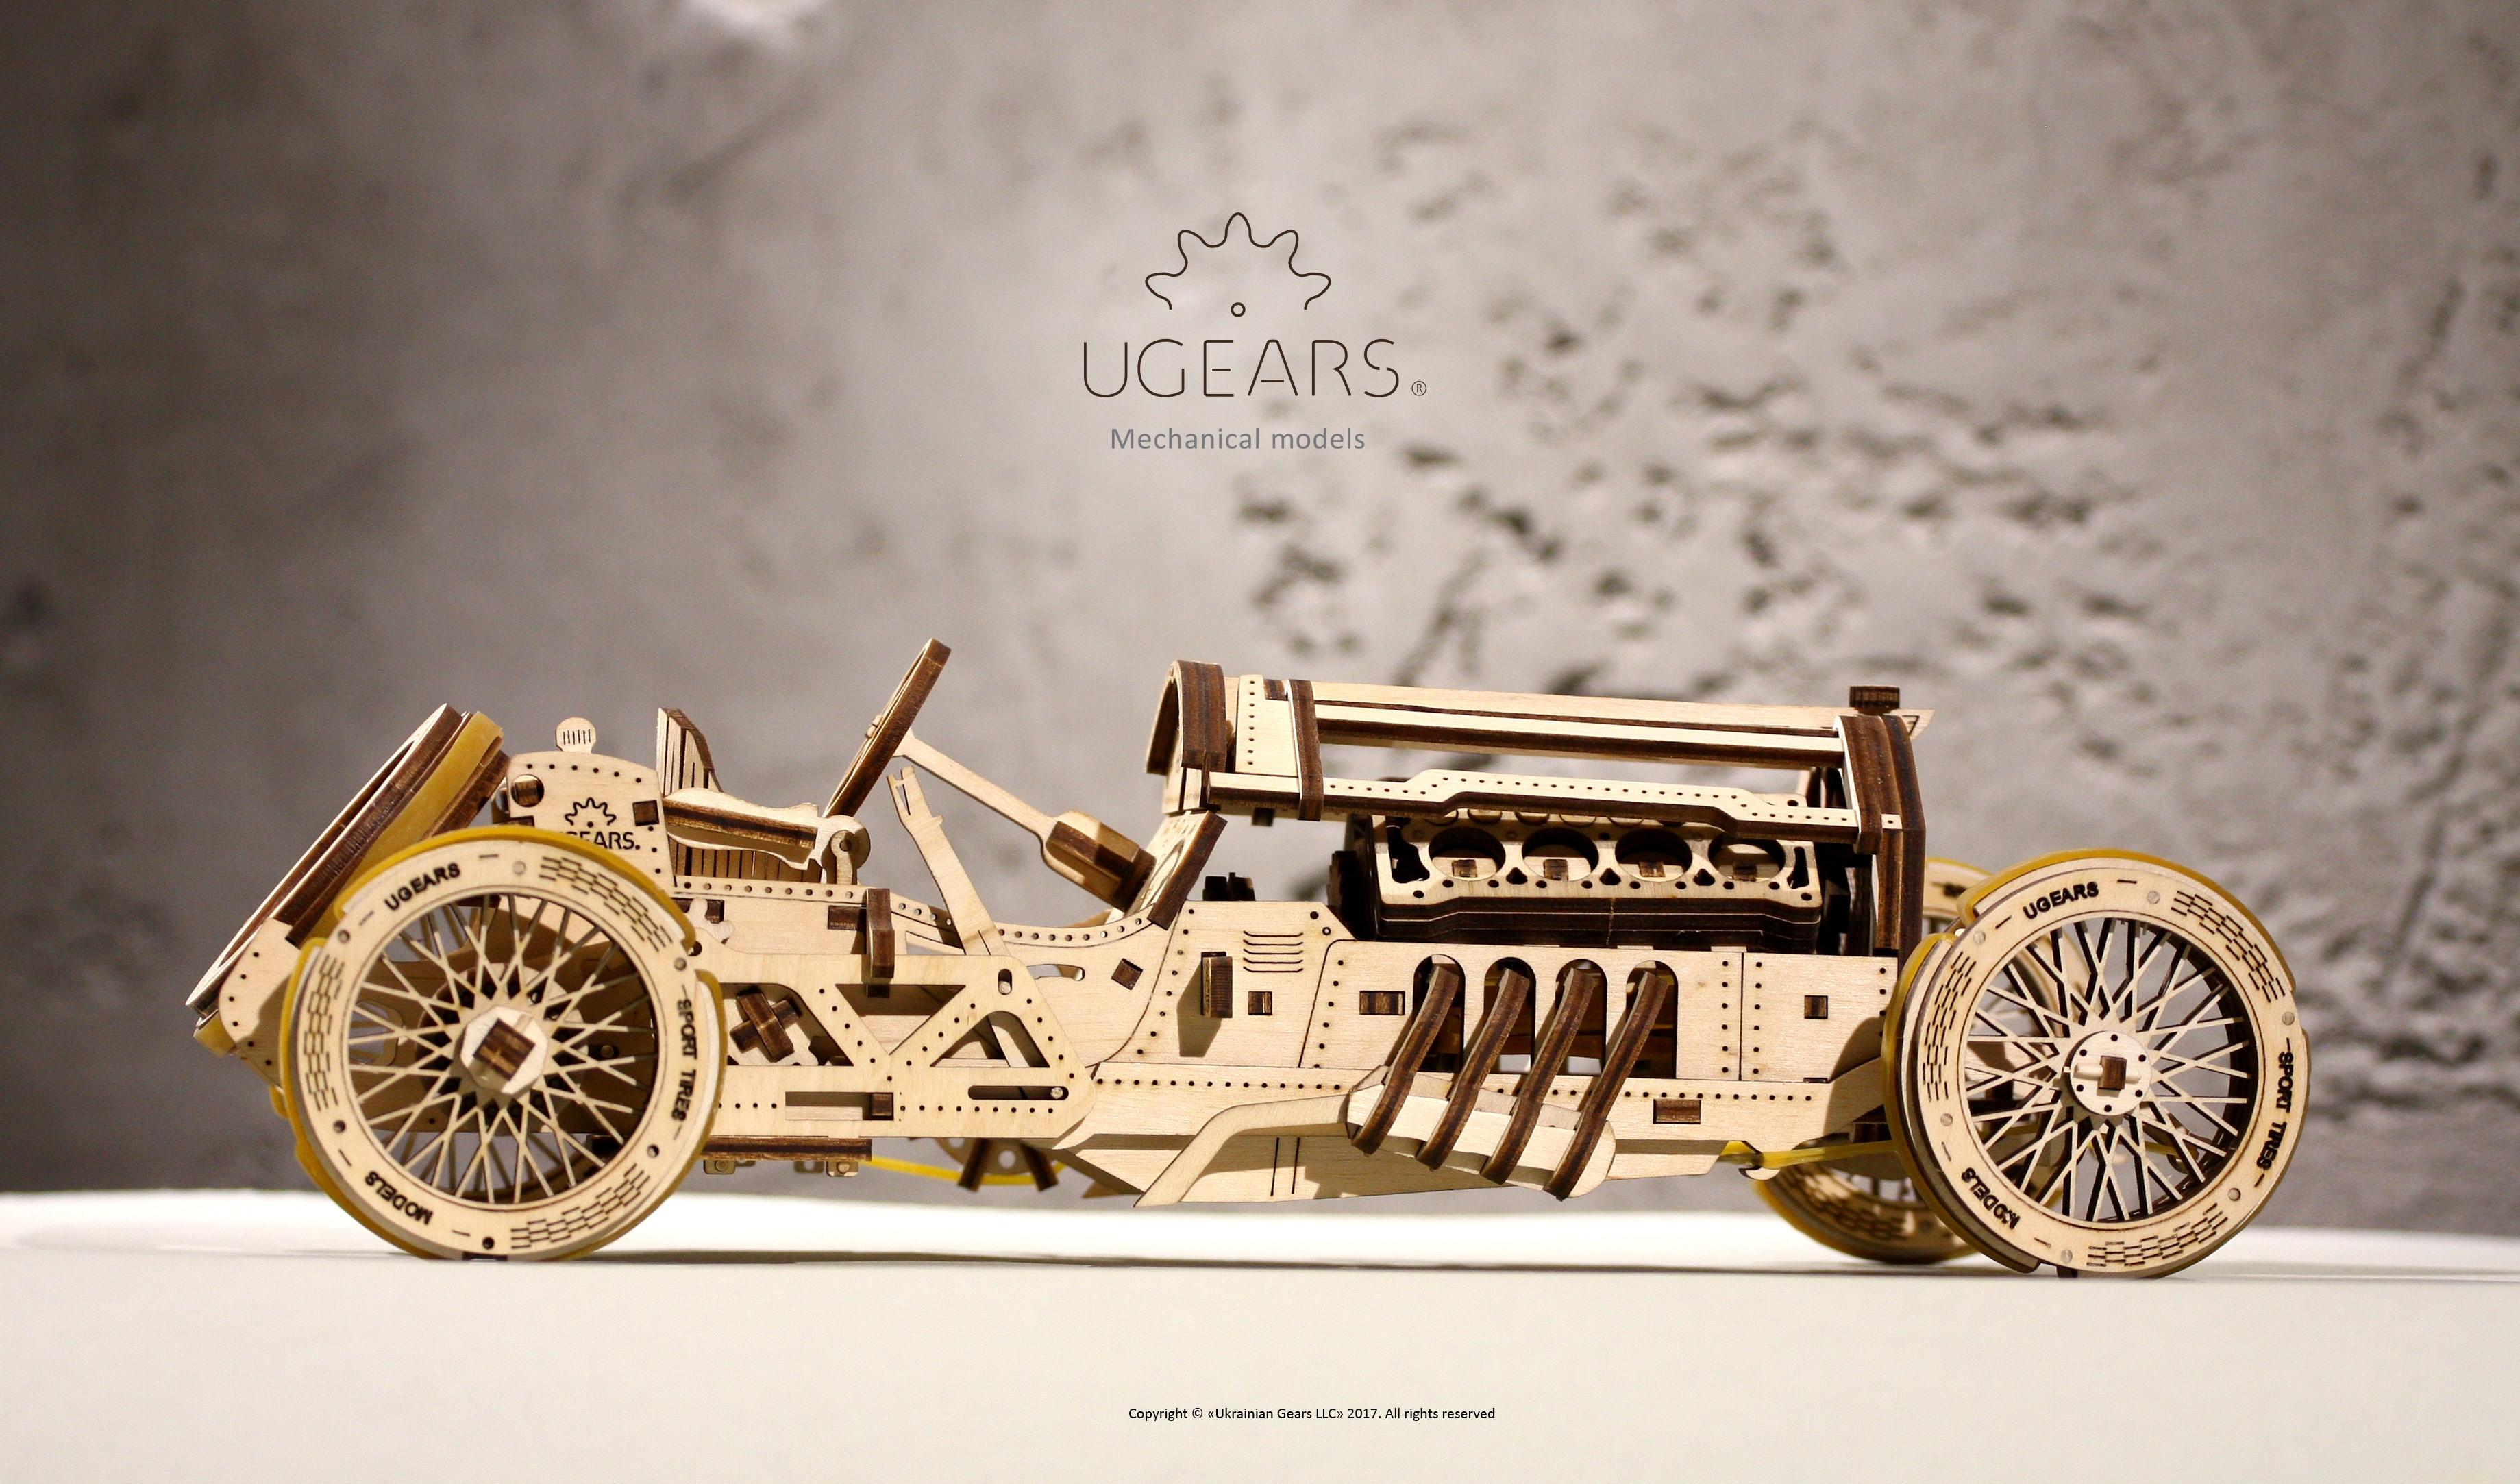 Ugears-Models France | LinkedIn